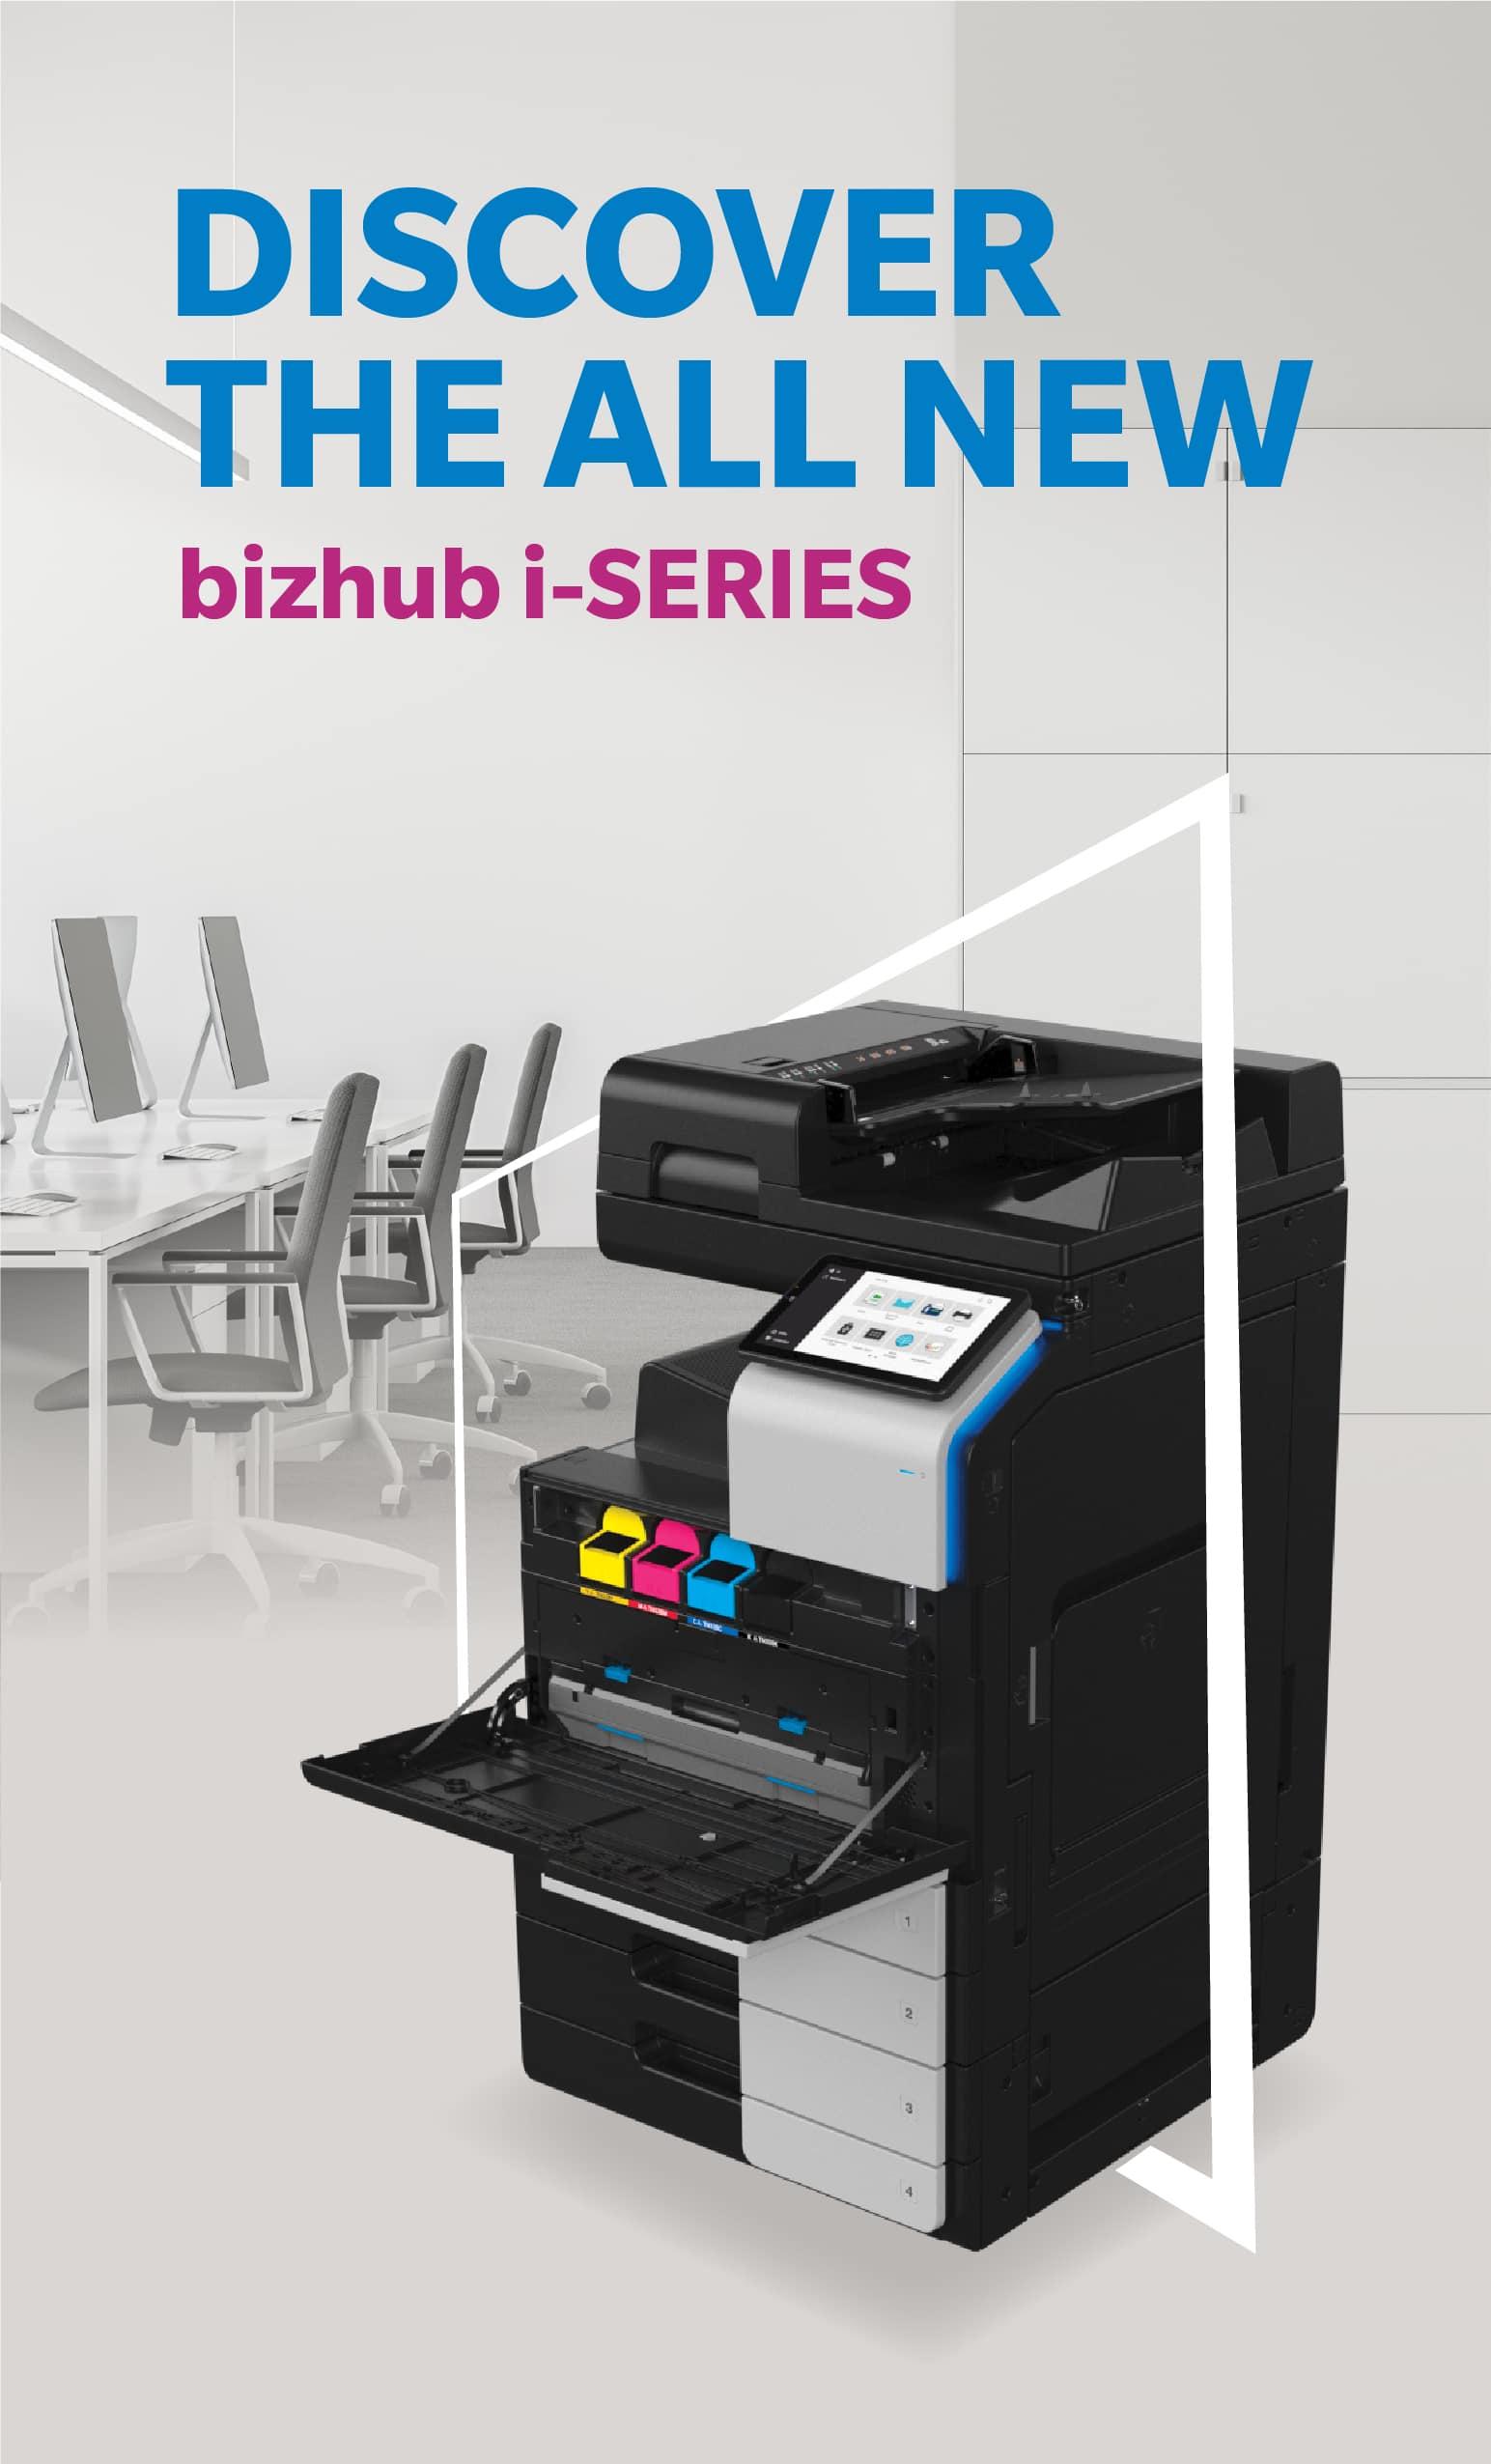 bizhub i-series konica minolta mobile 01